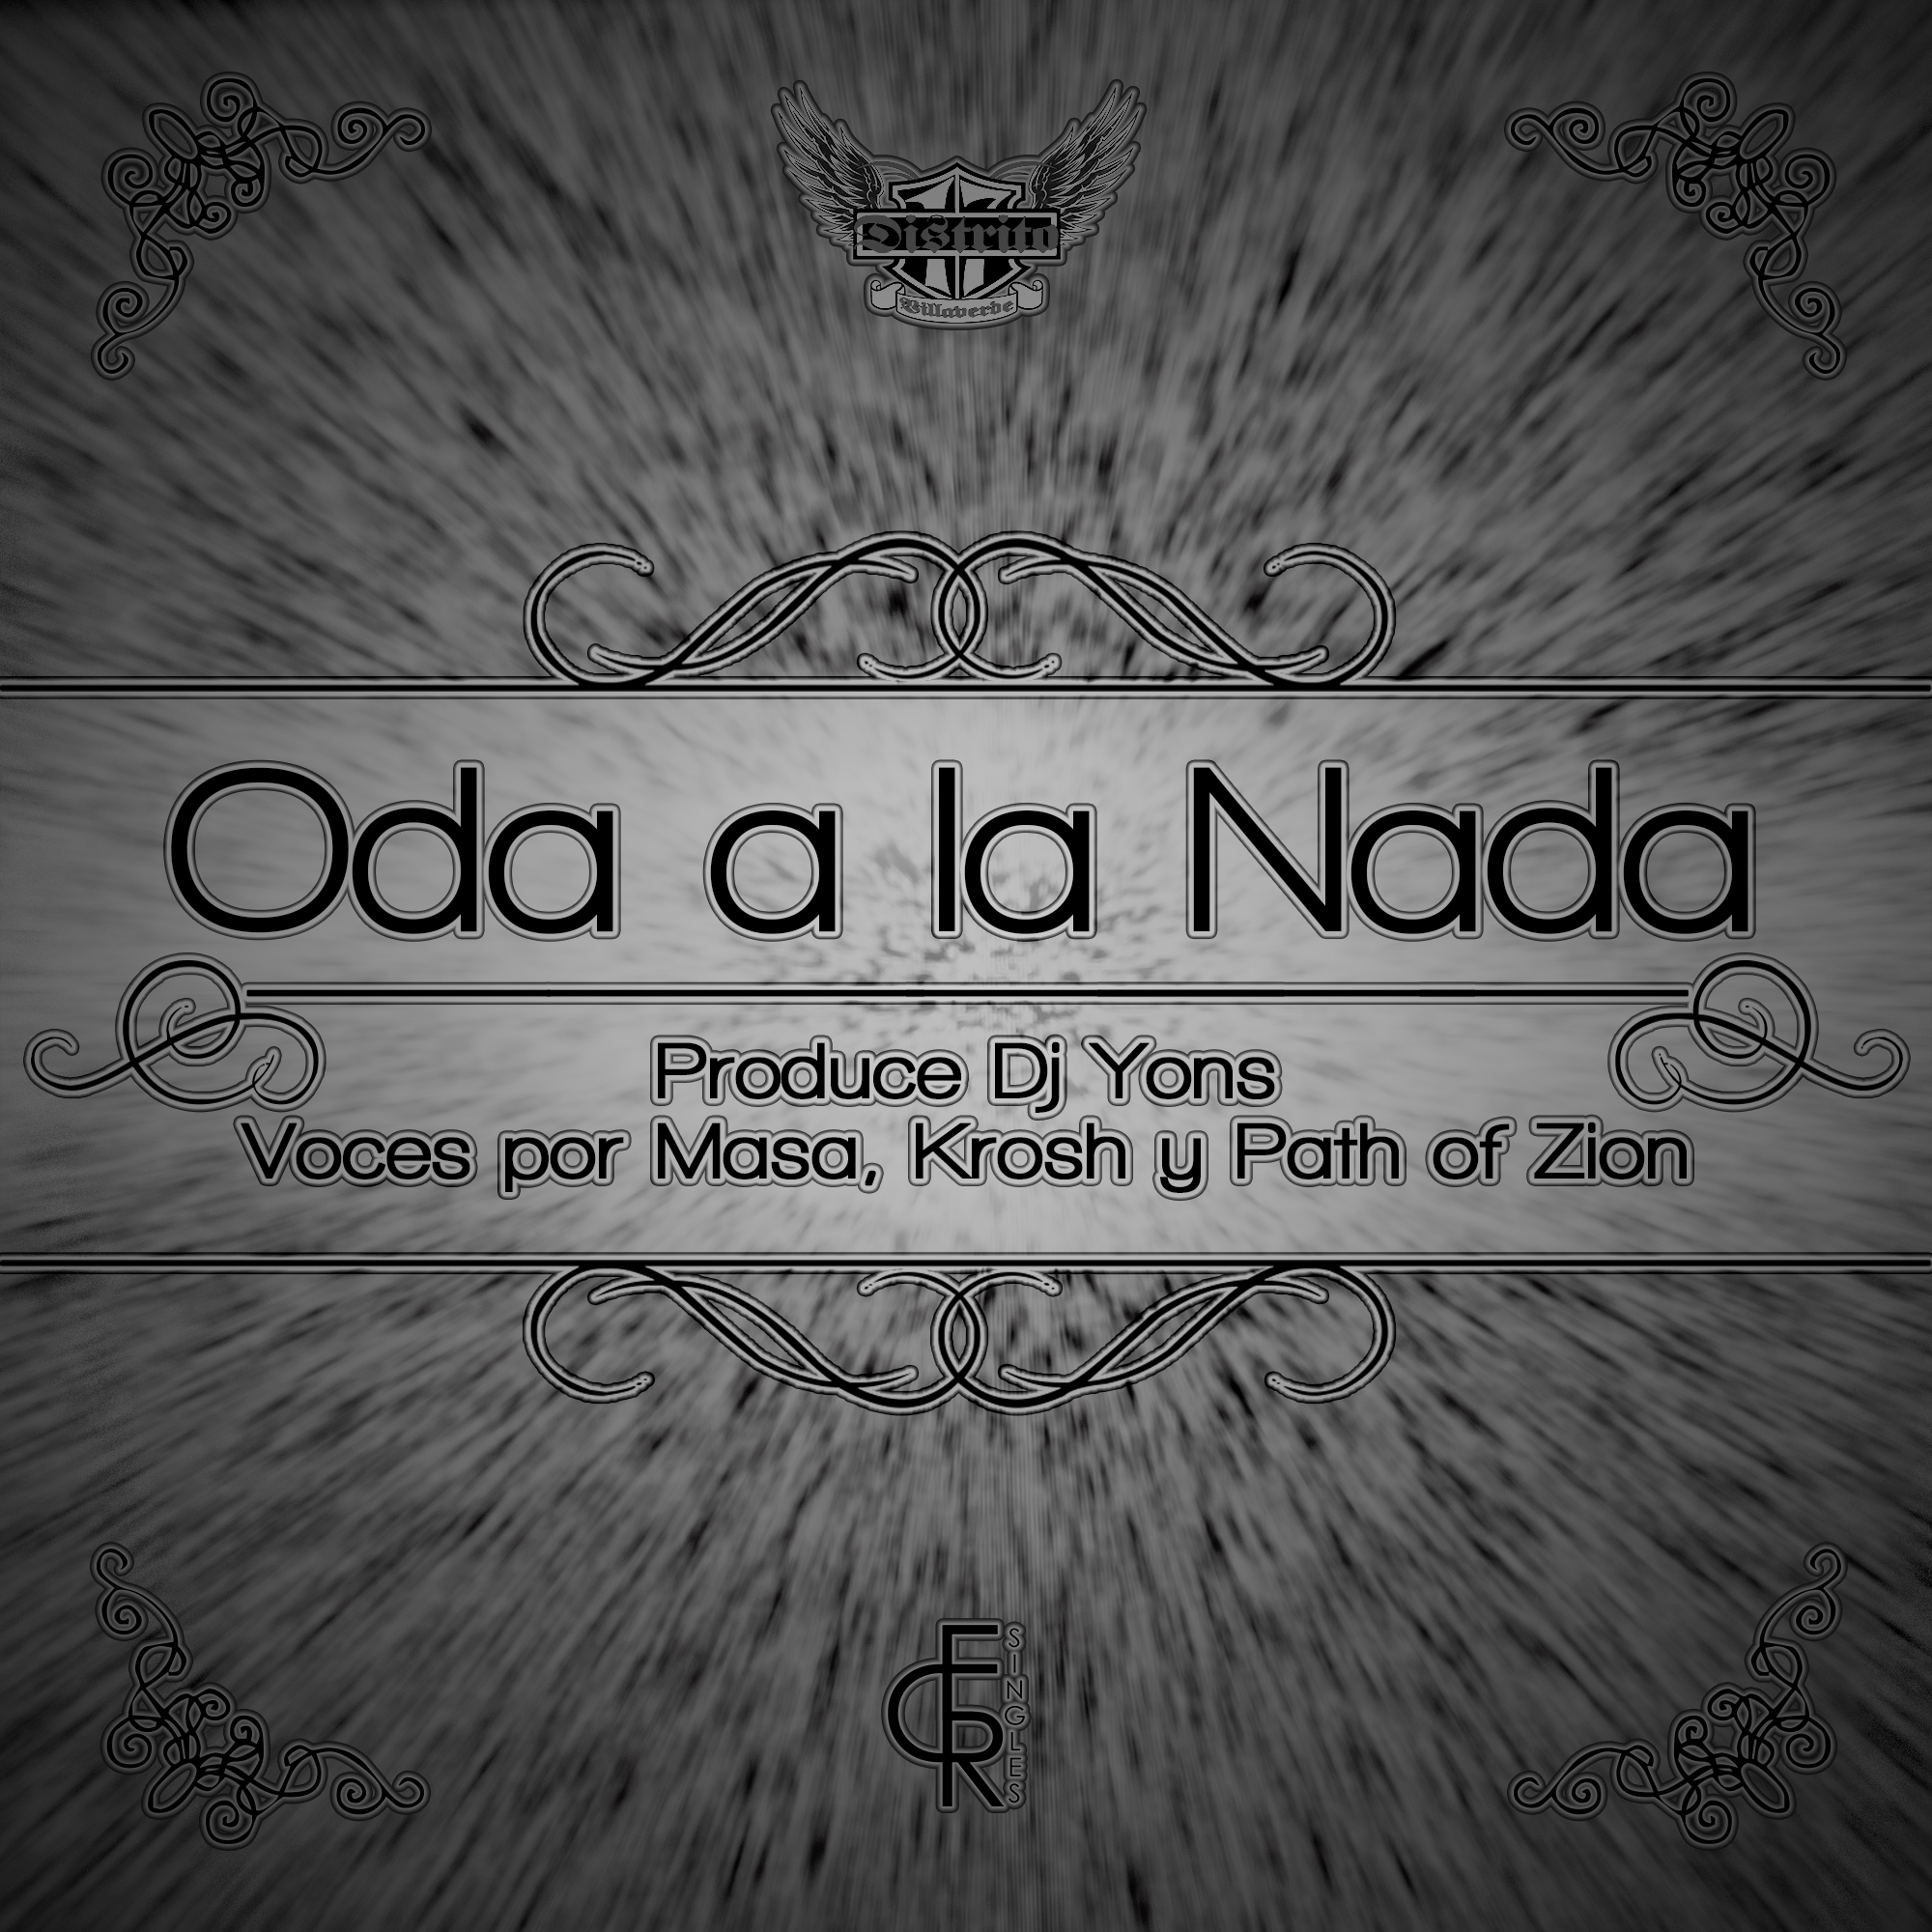 Oda a la Nada - ECR Singles #005